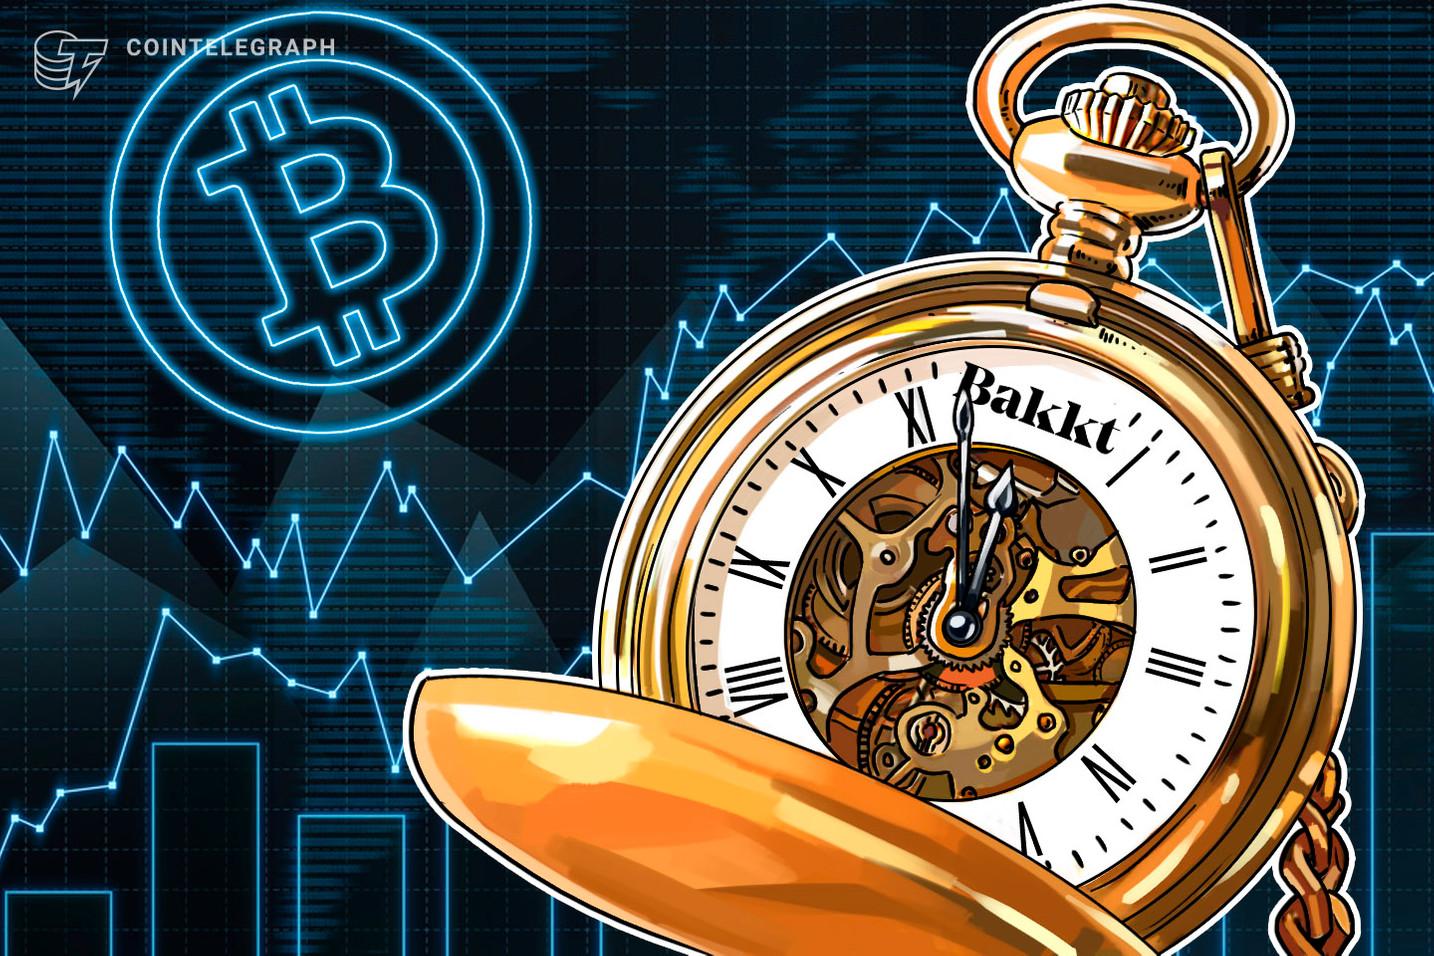 ICE confirma oficialmente el lanzamiento de los Futuros de Bitcoin liquidados en efectivo el 9 de diciembre